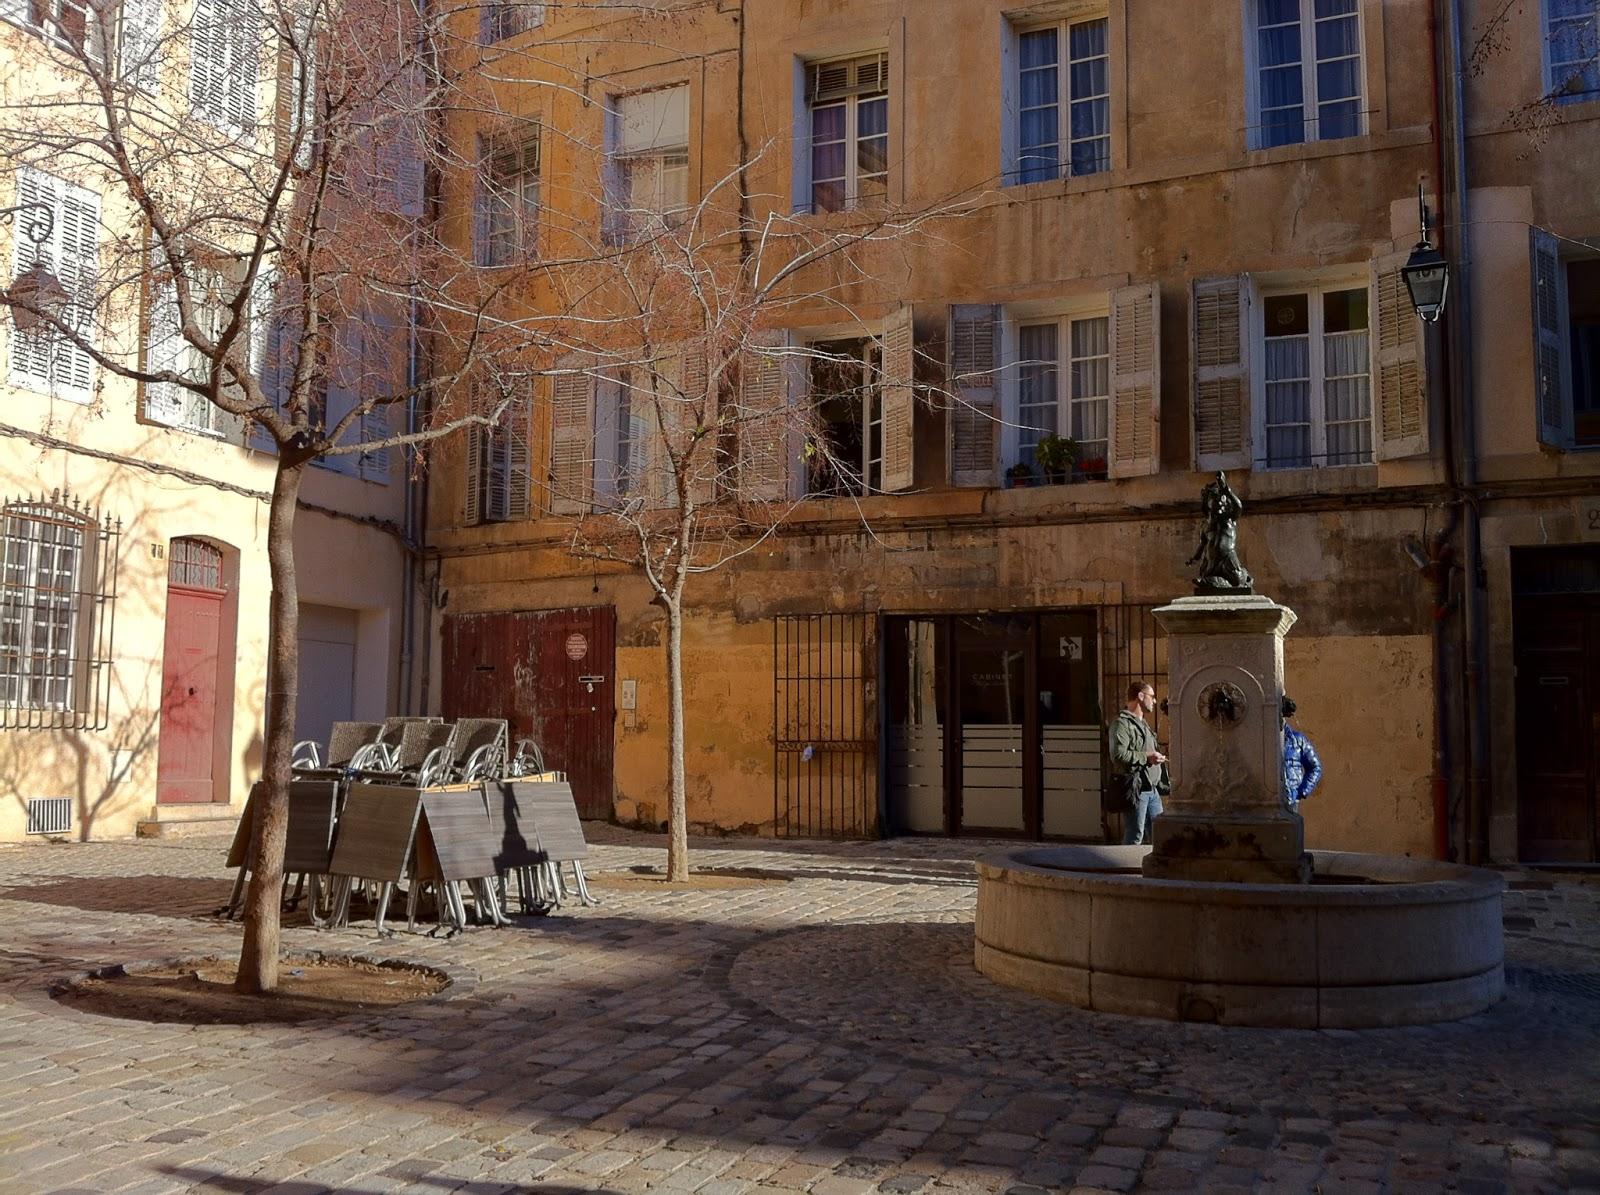 Mon jardin imparfait voyage express aix en provence for Le jardin imparfait